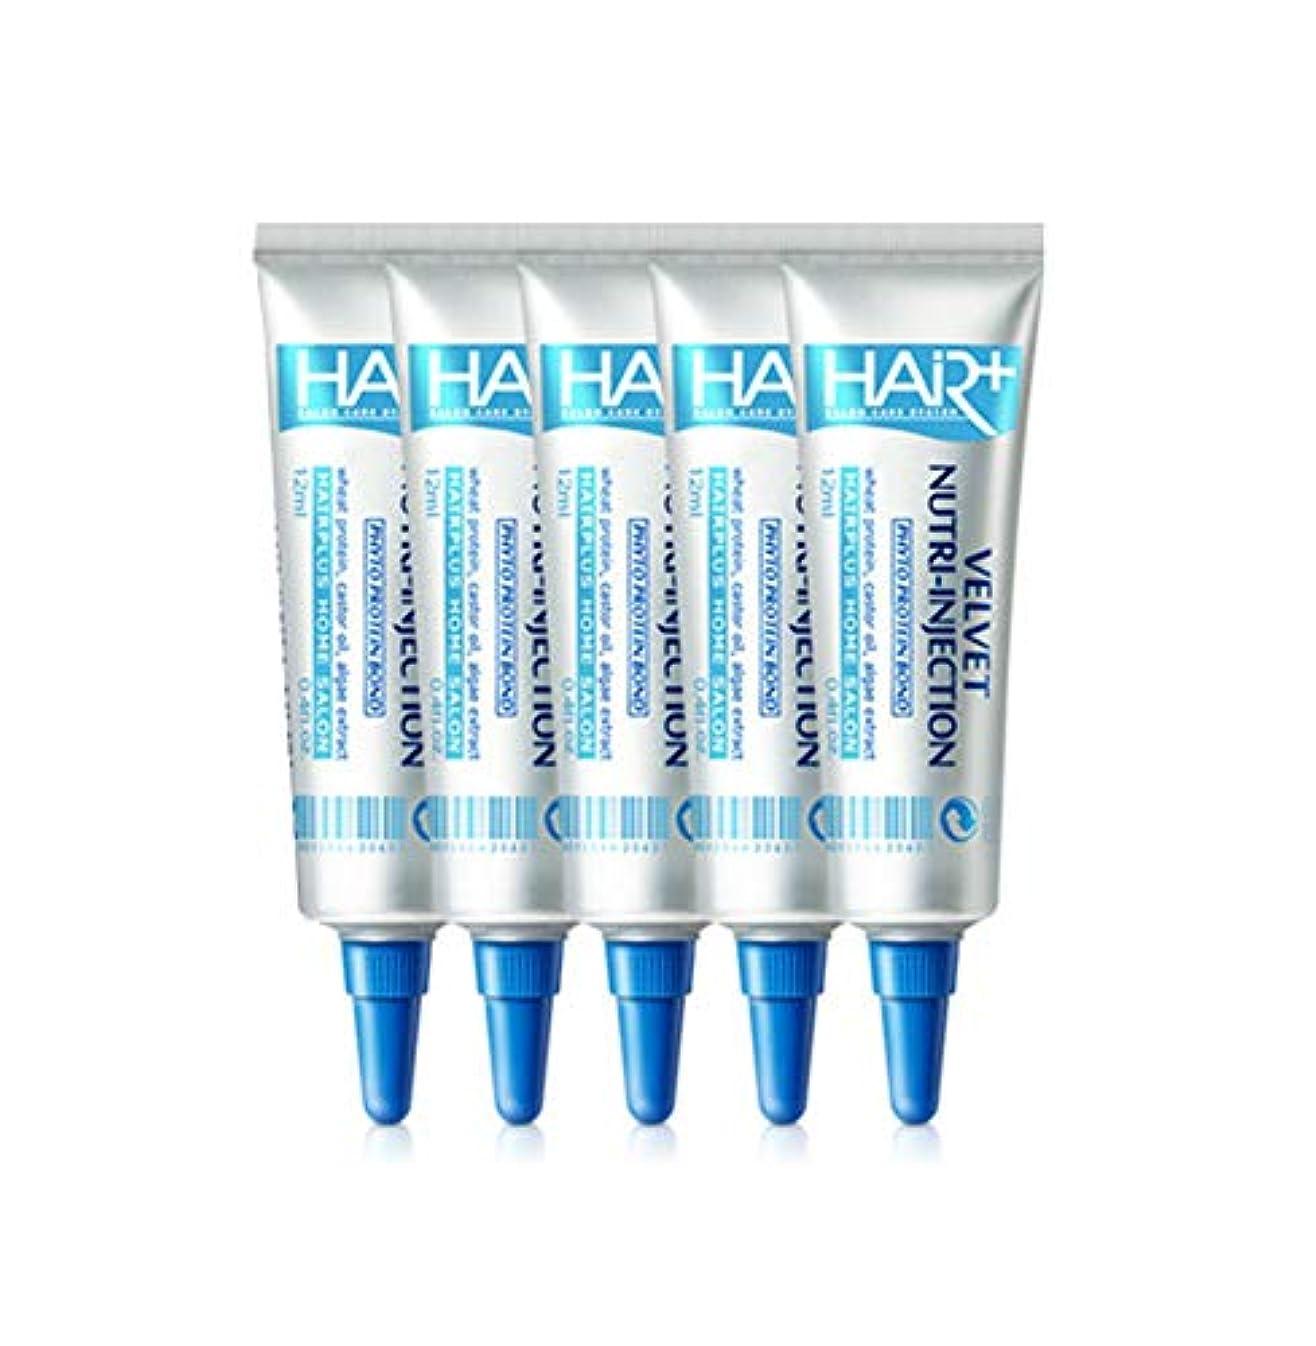 祭り便宜ライドヘアプラスHairplus韓国コスメヘアタンパク質アンプルヘアケアトリートメント12ml 5個 海外直送品Protein Treatment [並行輸入品]